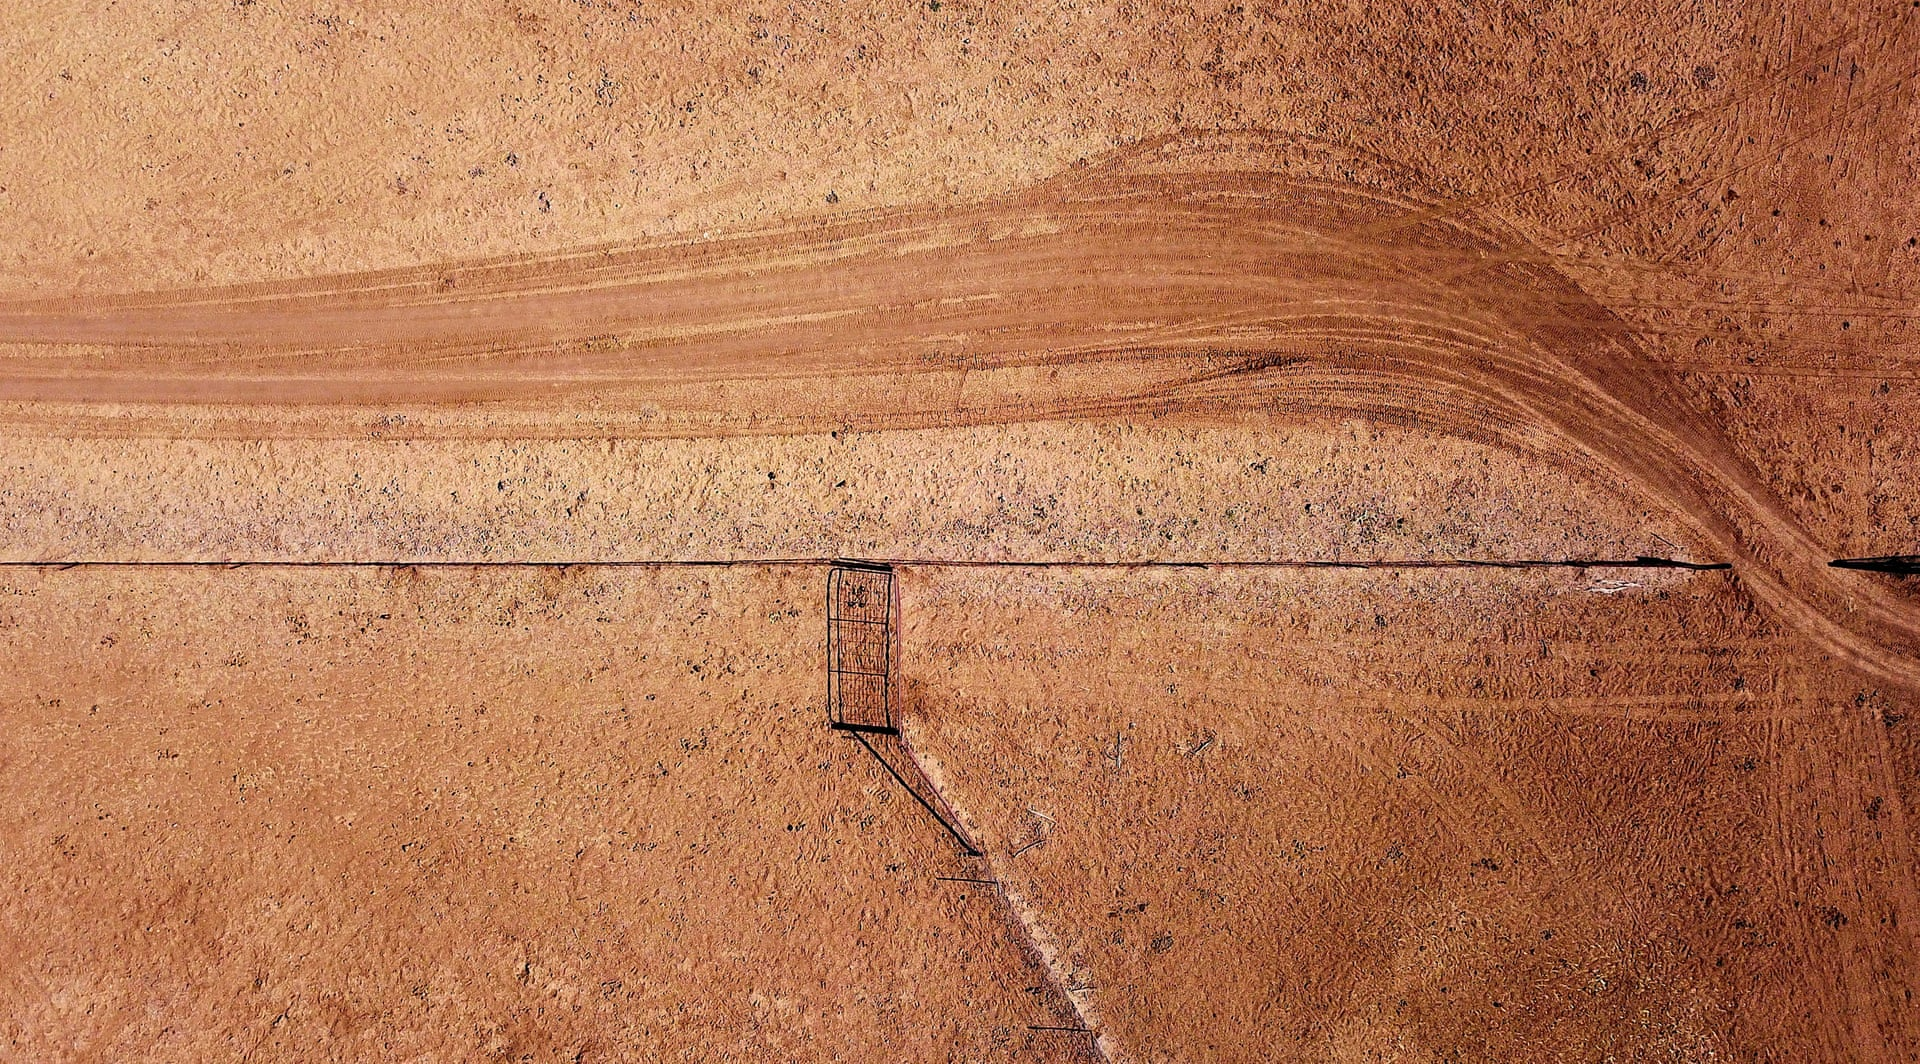 Фото дня: засуха в Австралии с высоты птичьего полета Фото дня: засуха в Австралии с высоты птичьего полета 3500 20 16